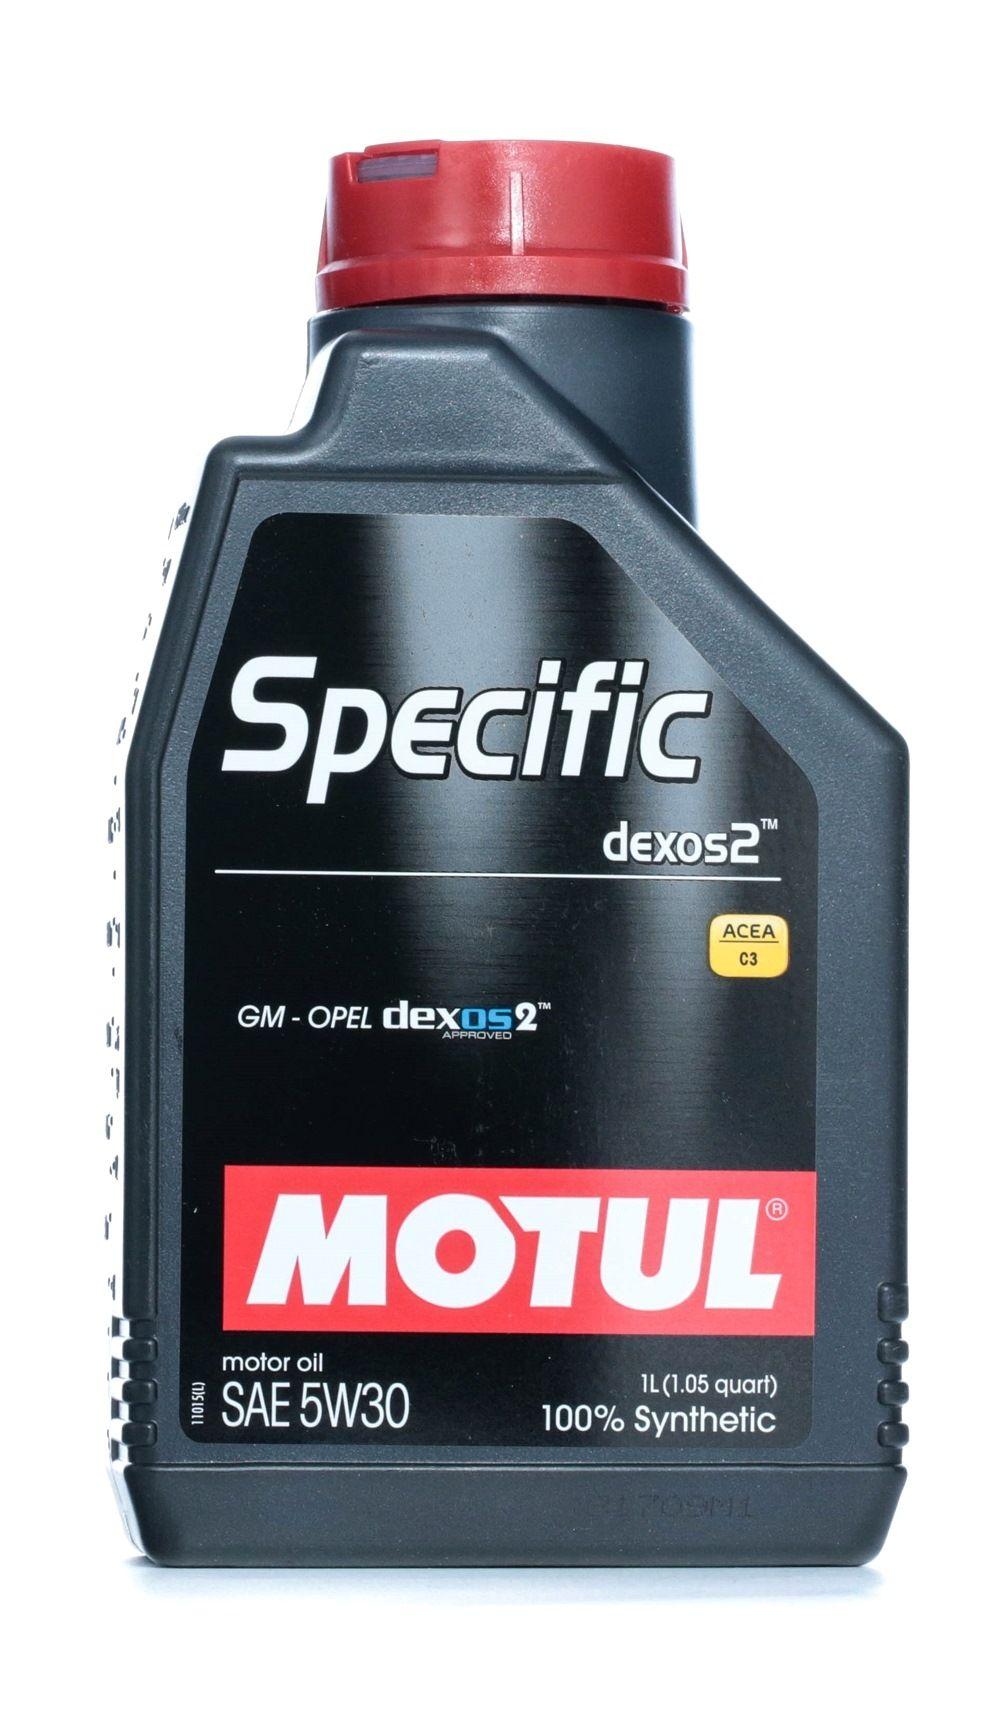 Aceite de motor MOTUL GB2A0107011 evaluación